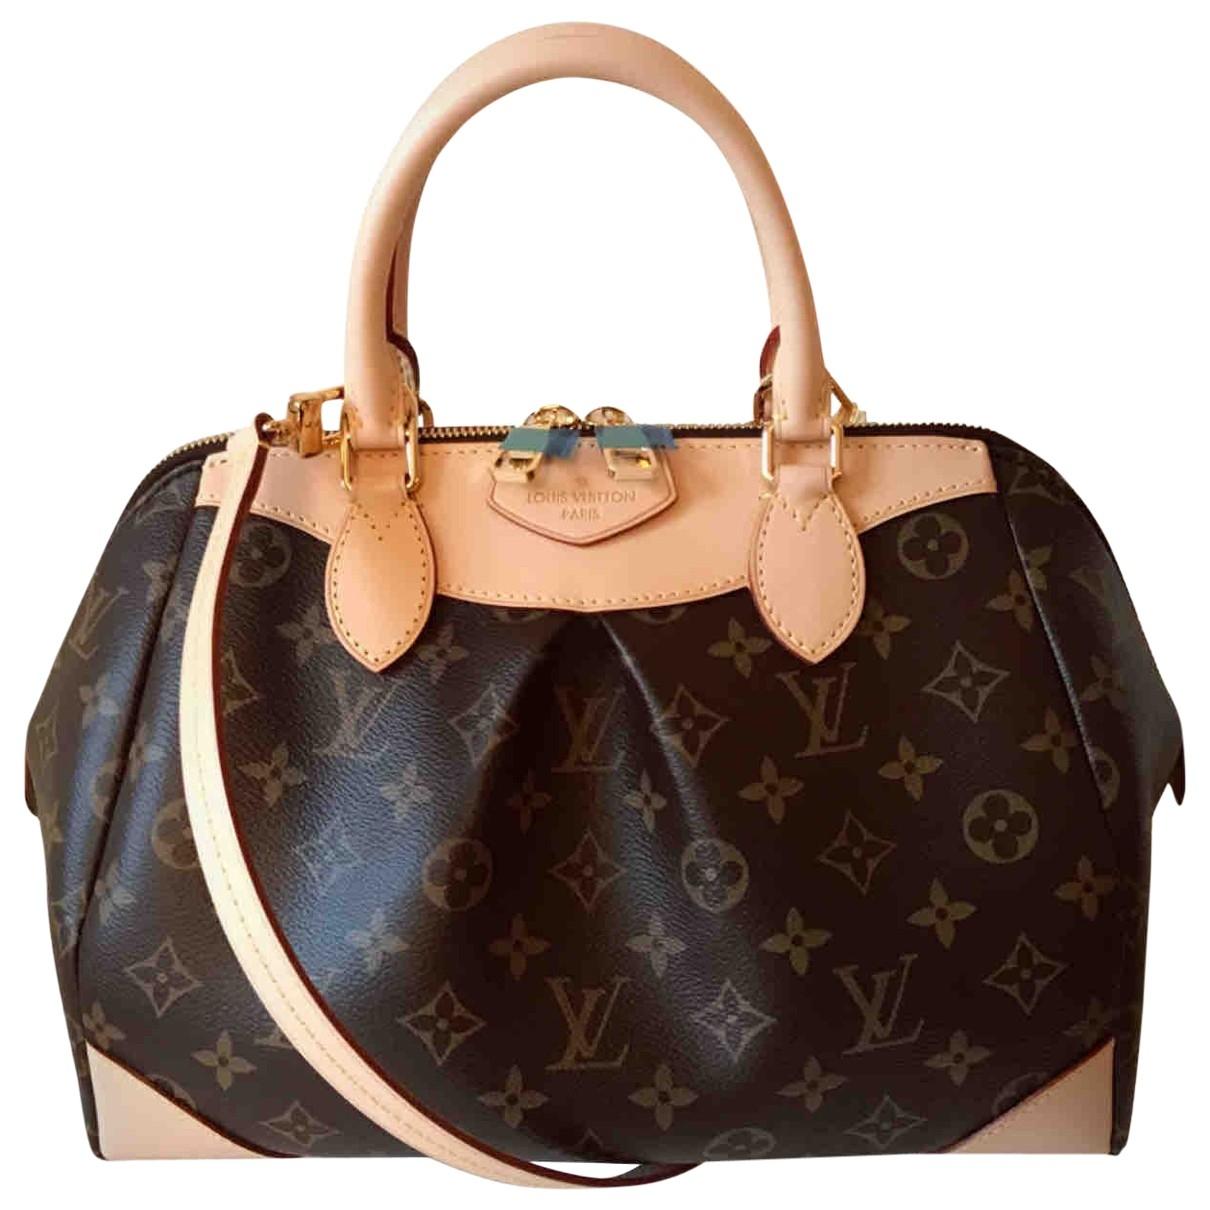 Louis Vuitton - Sac a main Segur pour femme en toile - marron